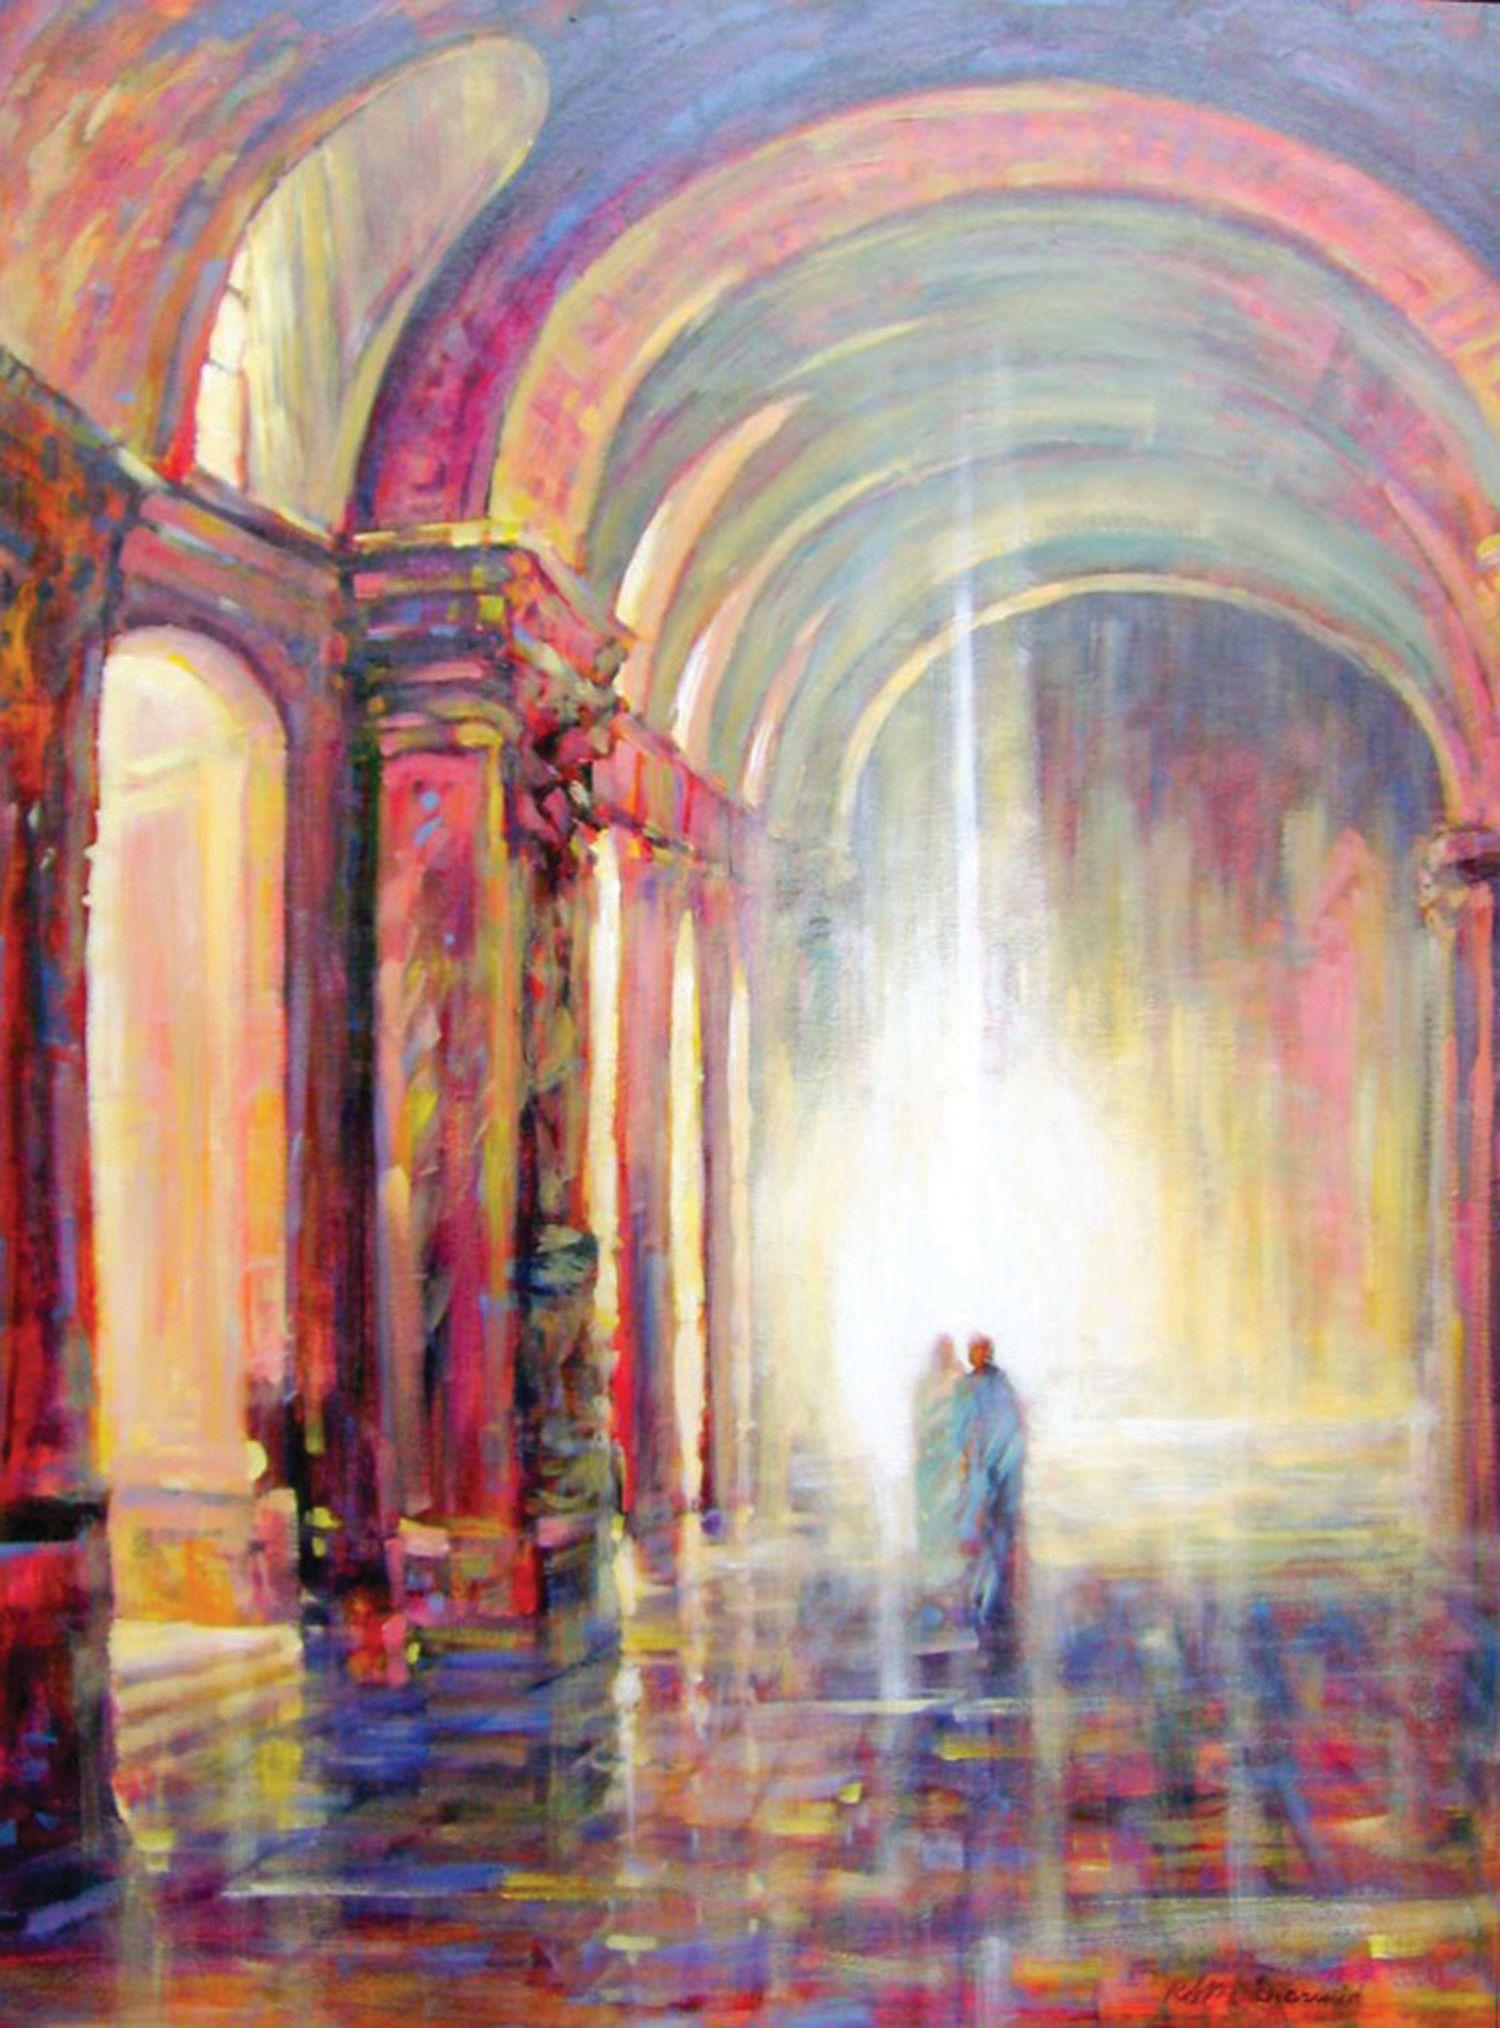 Dreams, Past Lives and Spiritual Experiences - Eckankar LI